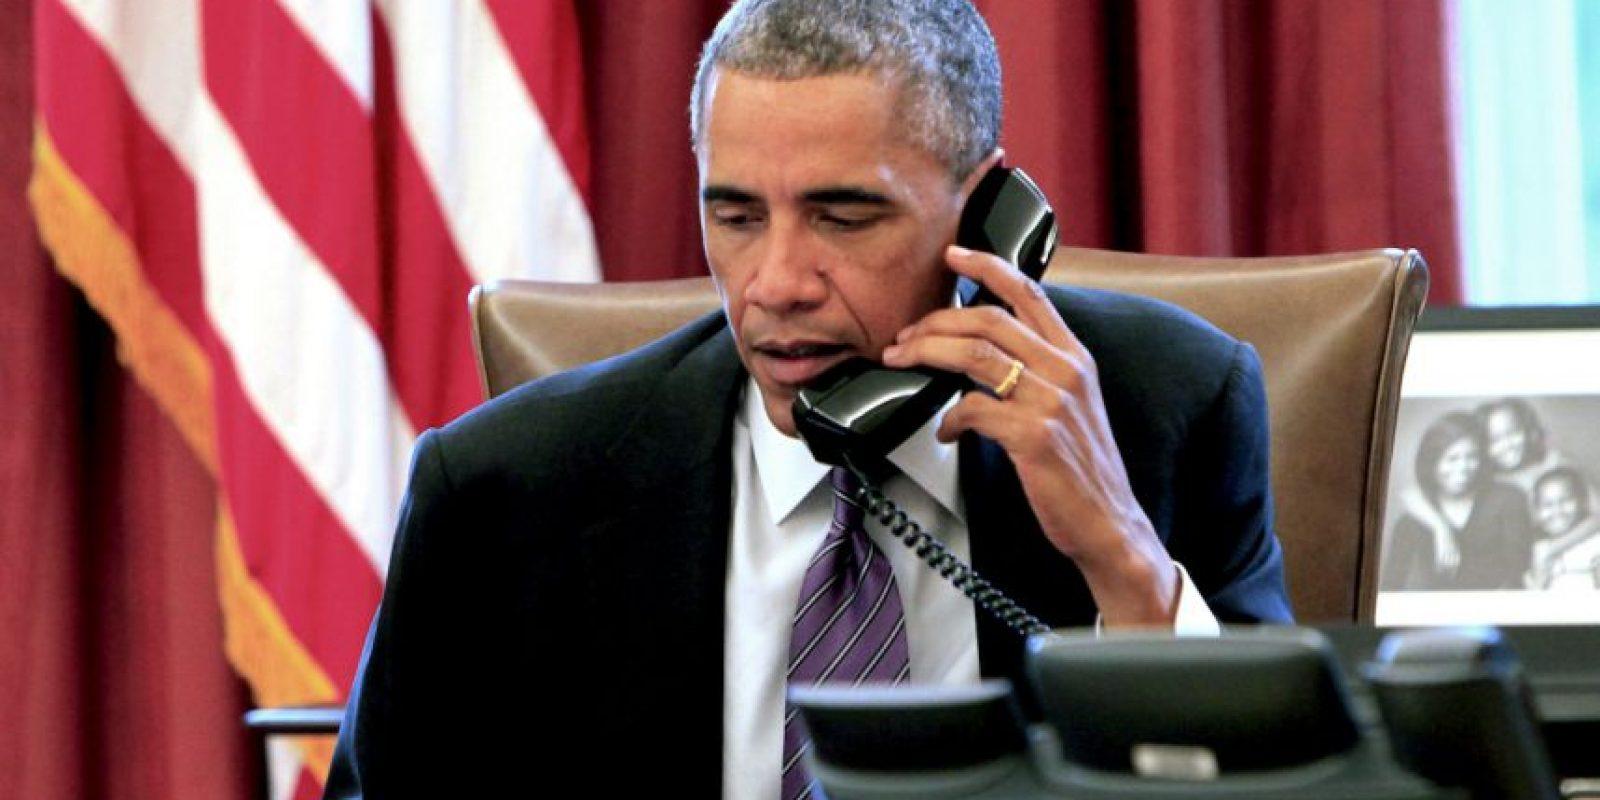 EL día de las madres el presidente estadounidense Barack Obama llamó a tres mujeres para felicitarlas. Foto:Getty Images